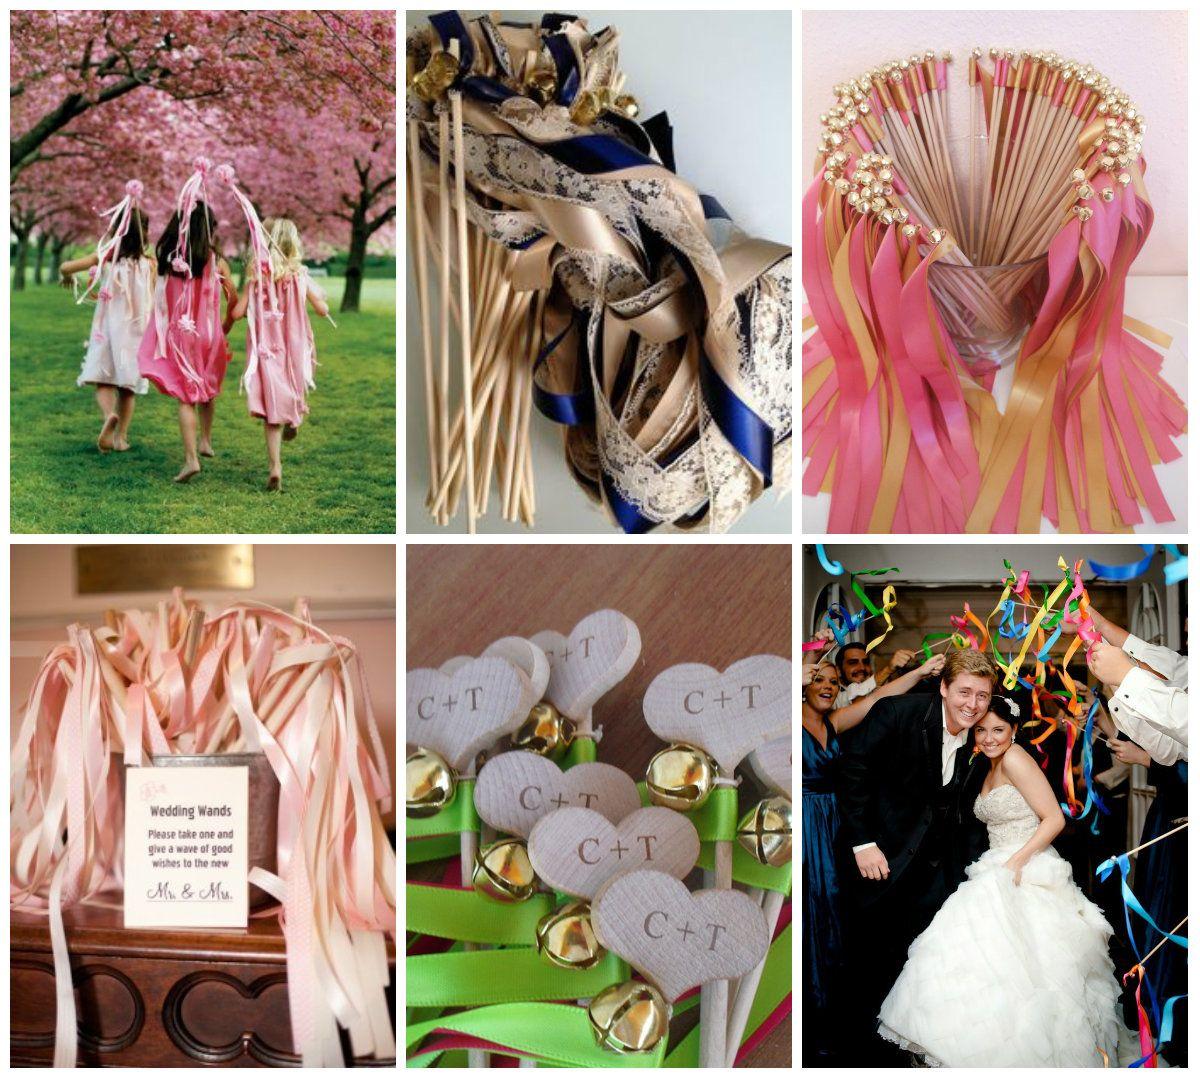 Tolle Ideen für selbstgebastelte Stäbe mit denen man zur Hochzeit ein Spalier bildet